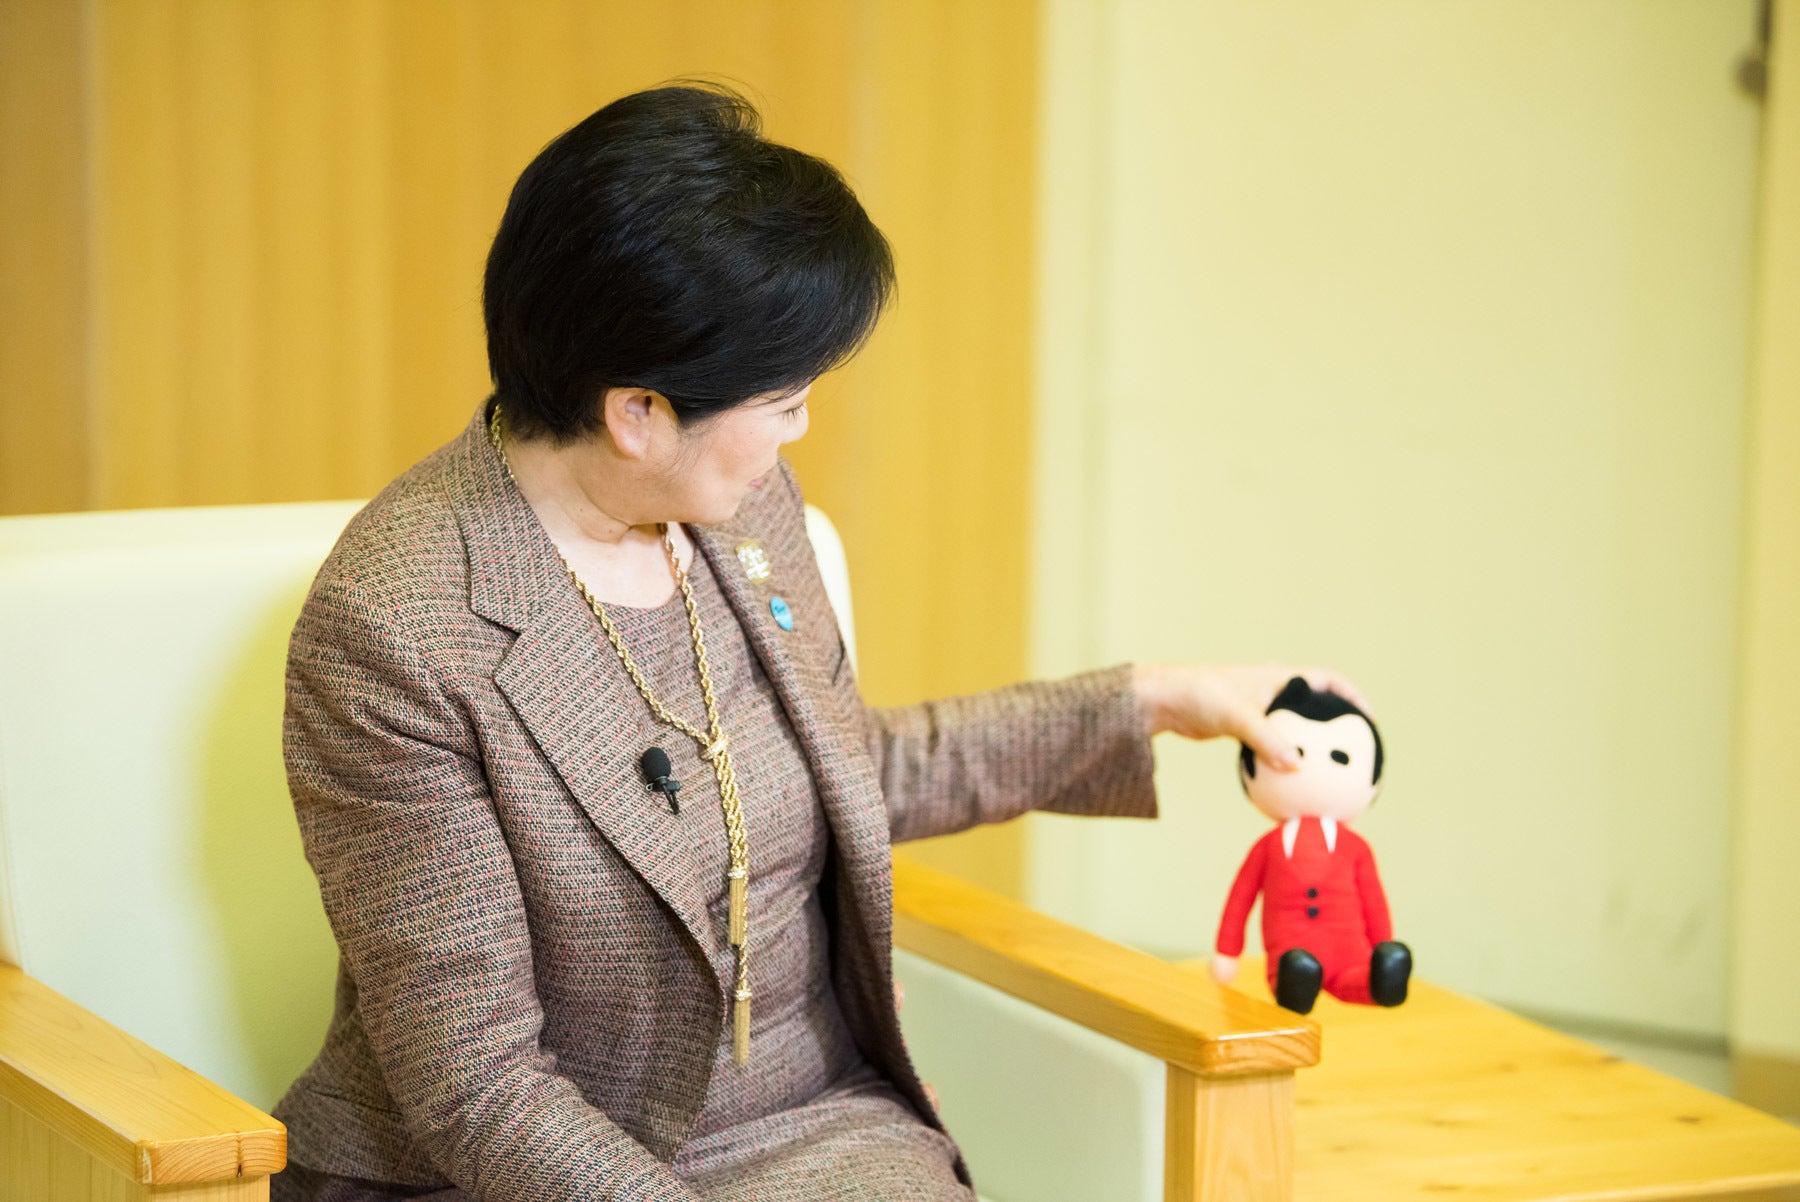 キャスター ニュース 小池 百合子 丸川氏と小池氏 キャスター出身、環境相で初入閣